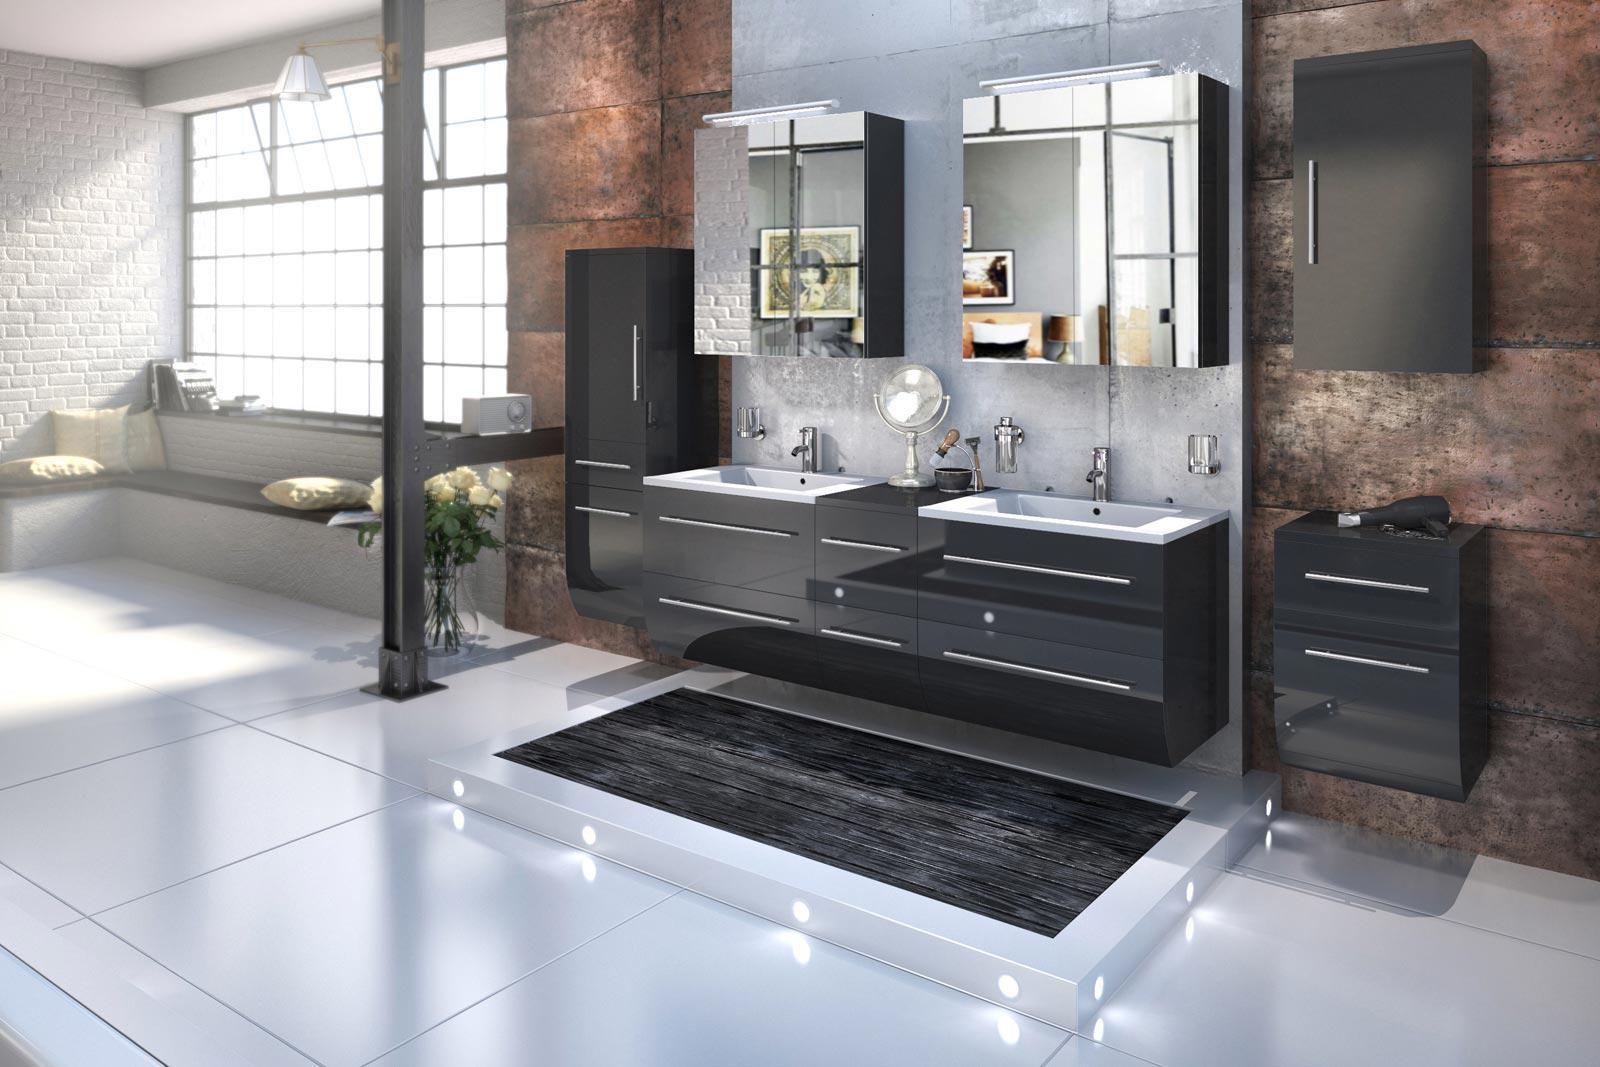 Waschbecken Mit Unterschrank Badeinrichtung Neue Ideen Von Der Messemsncom Waschbeckenunterschrank Waschbecken Unterschrank